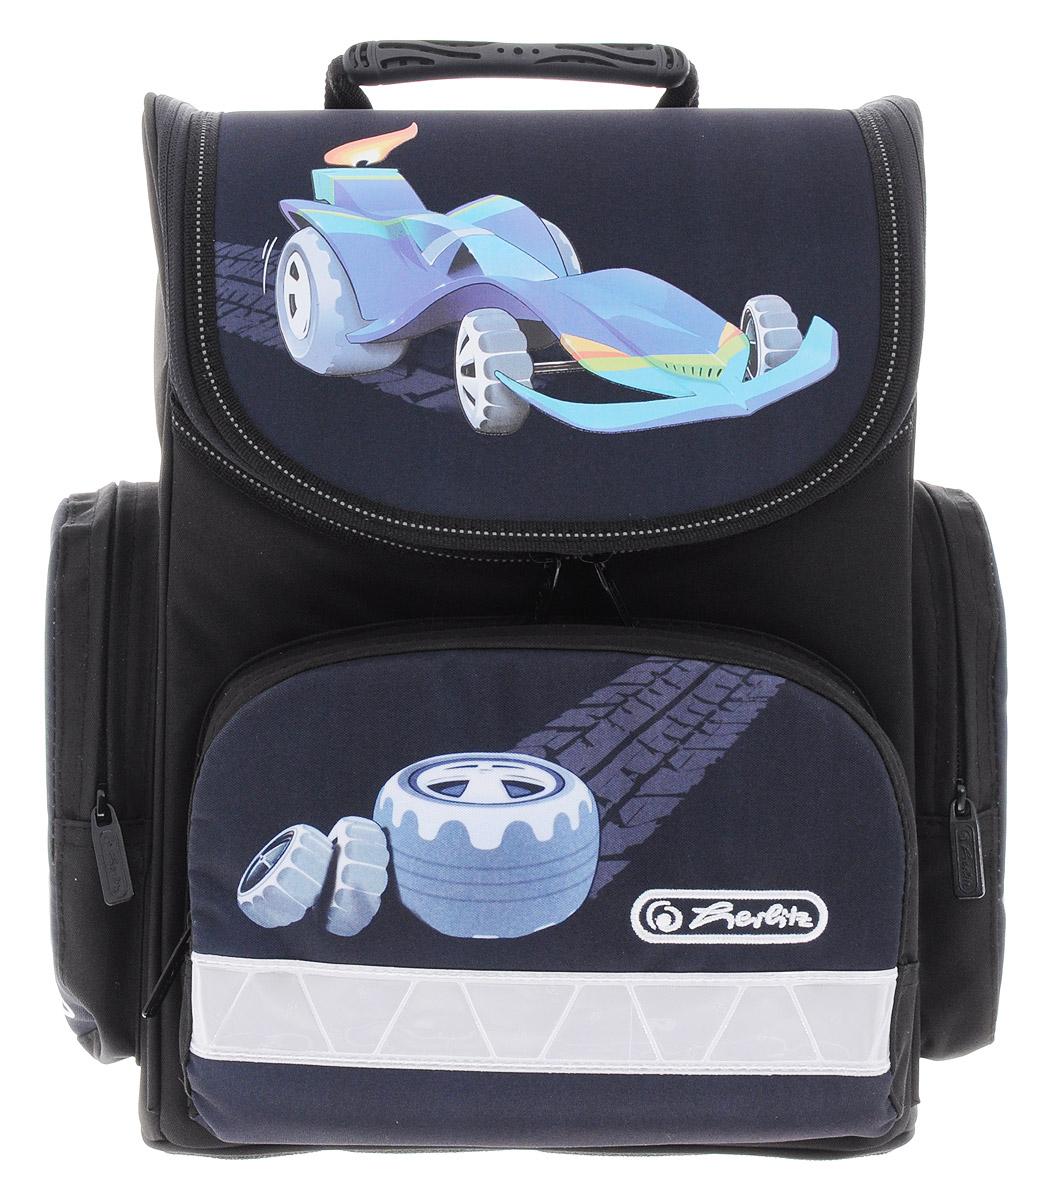 Herlitz Ранец школьный Design Car72523WDШкольный ранец Herlitz Design Car выполнен из легкого и прочного материала.Ранец имеет одно основное отделение, закрывающееся клапаном на застежку-молнию с двумя бегунками. Клапан полностью откидывается, что существенно облегчает пользование ранцем. На внутренней части клапана находится прозрачный пластиковый кармашек, в который можно поместить данные о владельце ранца. Внутри главного отделения расположена мягкая перегородка для тетрадей или учебников. На лицевой стороне ранца находится накладной карман на застежке-молнии. По бокам ранца размещены два накладных кармана на молнии.Ортопедическая спинка, созданная по специальной технологии из дышащего материала, равномерно распределяет нагрузку на плечевые суставы и спину. В нижней части спинки расположен поясничный упор - небольшой валик, на который при правильном ношении ранца будет приходиться основная нагрузка.Изделие оснащено удобной ручкой для переноски в руке и двумя широкими лямками, регулируемой длины. У ранца имеются светоотражатели. Дно ранца из прочного материала легко очищается от загрязнений.Многофункциональный школьный ранец станет незаменимым спутником вашего ребенка в походах за знаниями.Вес ранца без наполнения: 1 кг.Рекомендуемый возраст: от 6 лет.